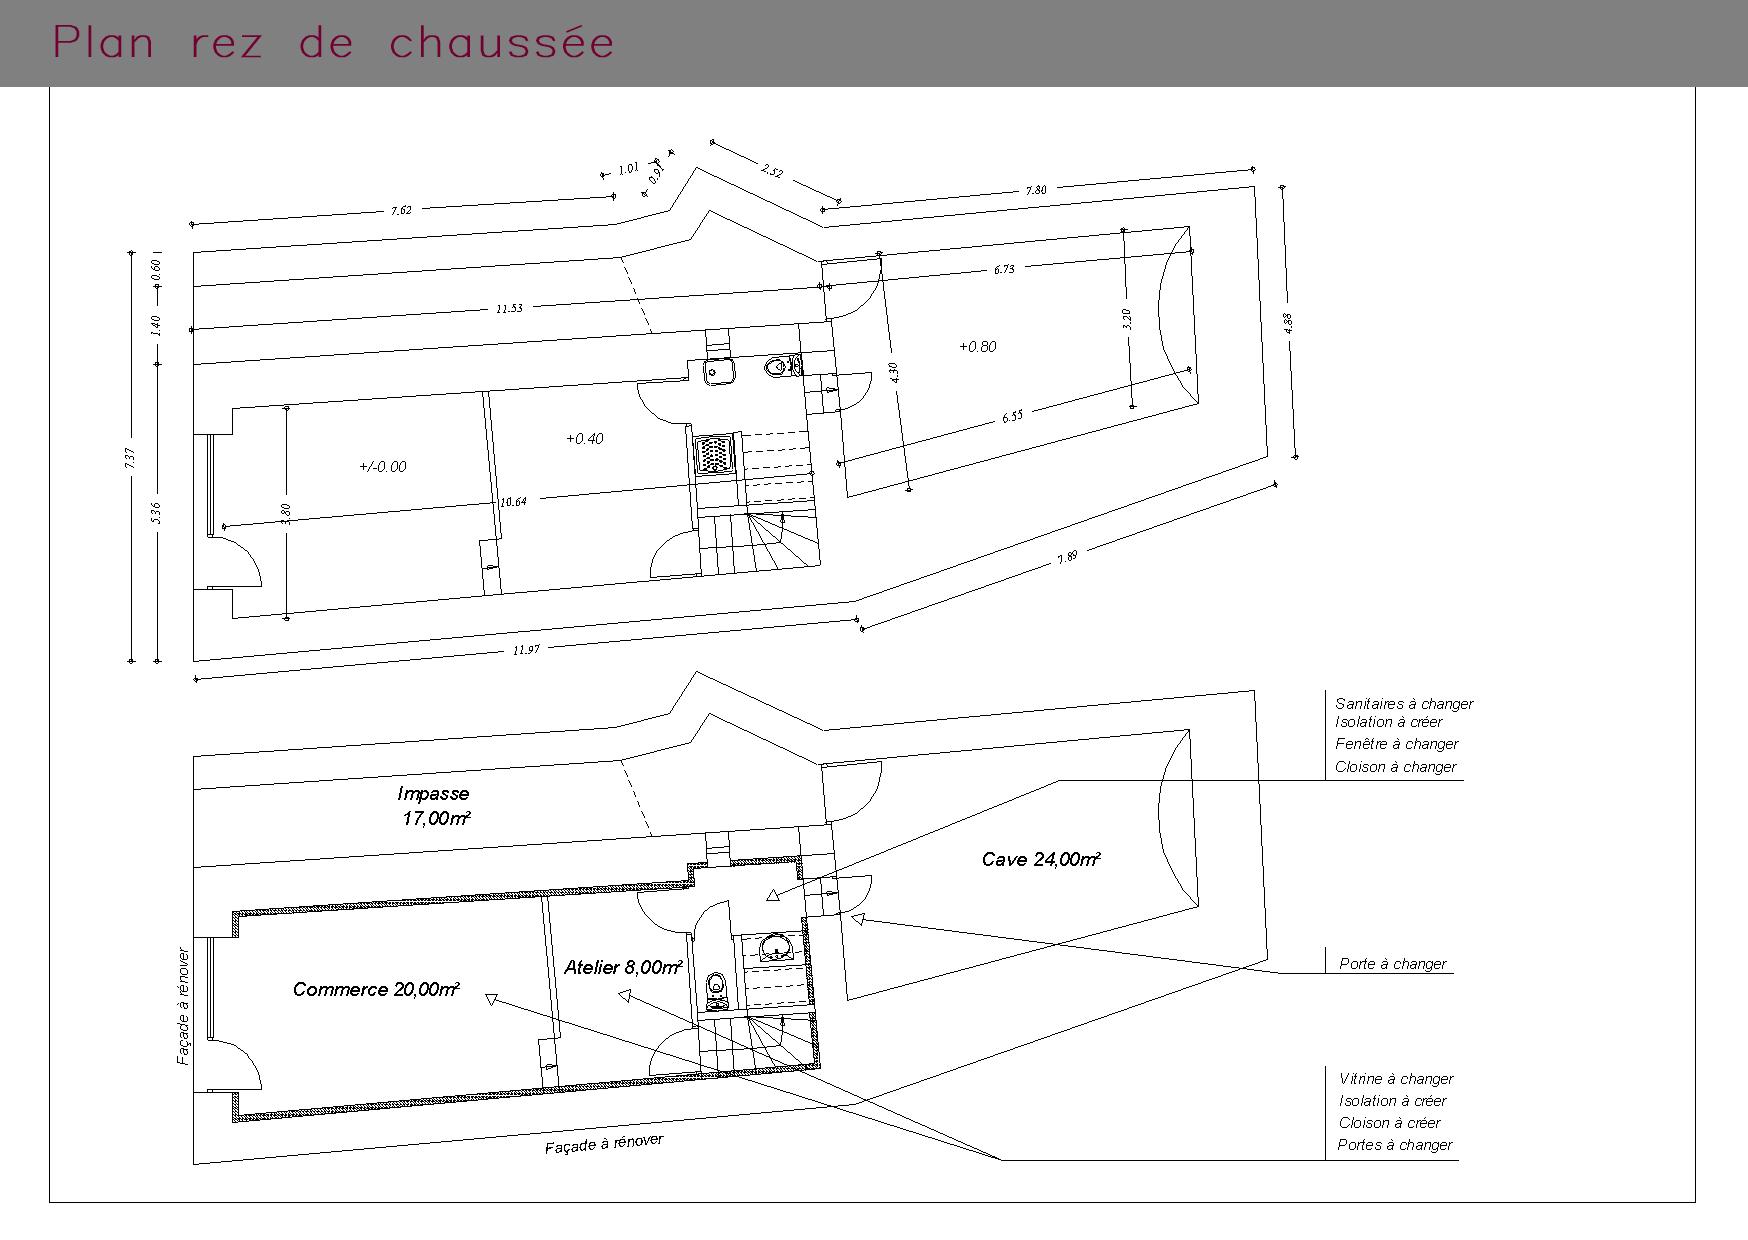 Plan du rez-de-chaussée d'un local commercial et son habitation